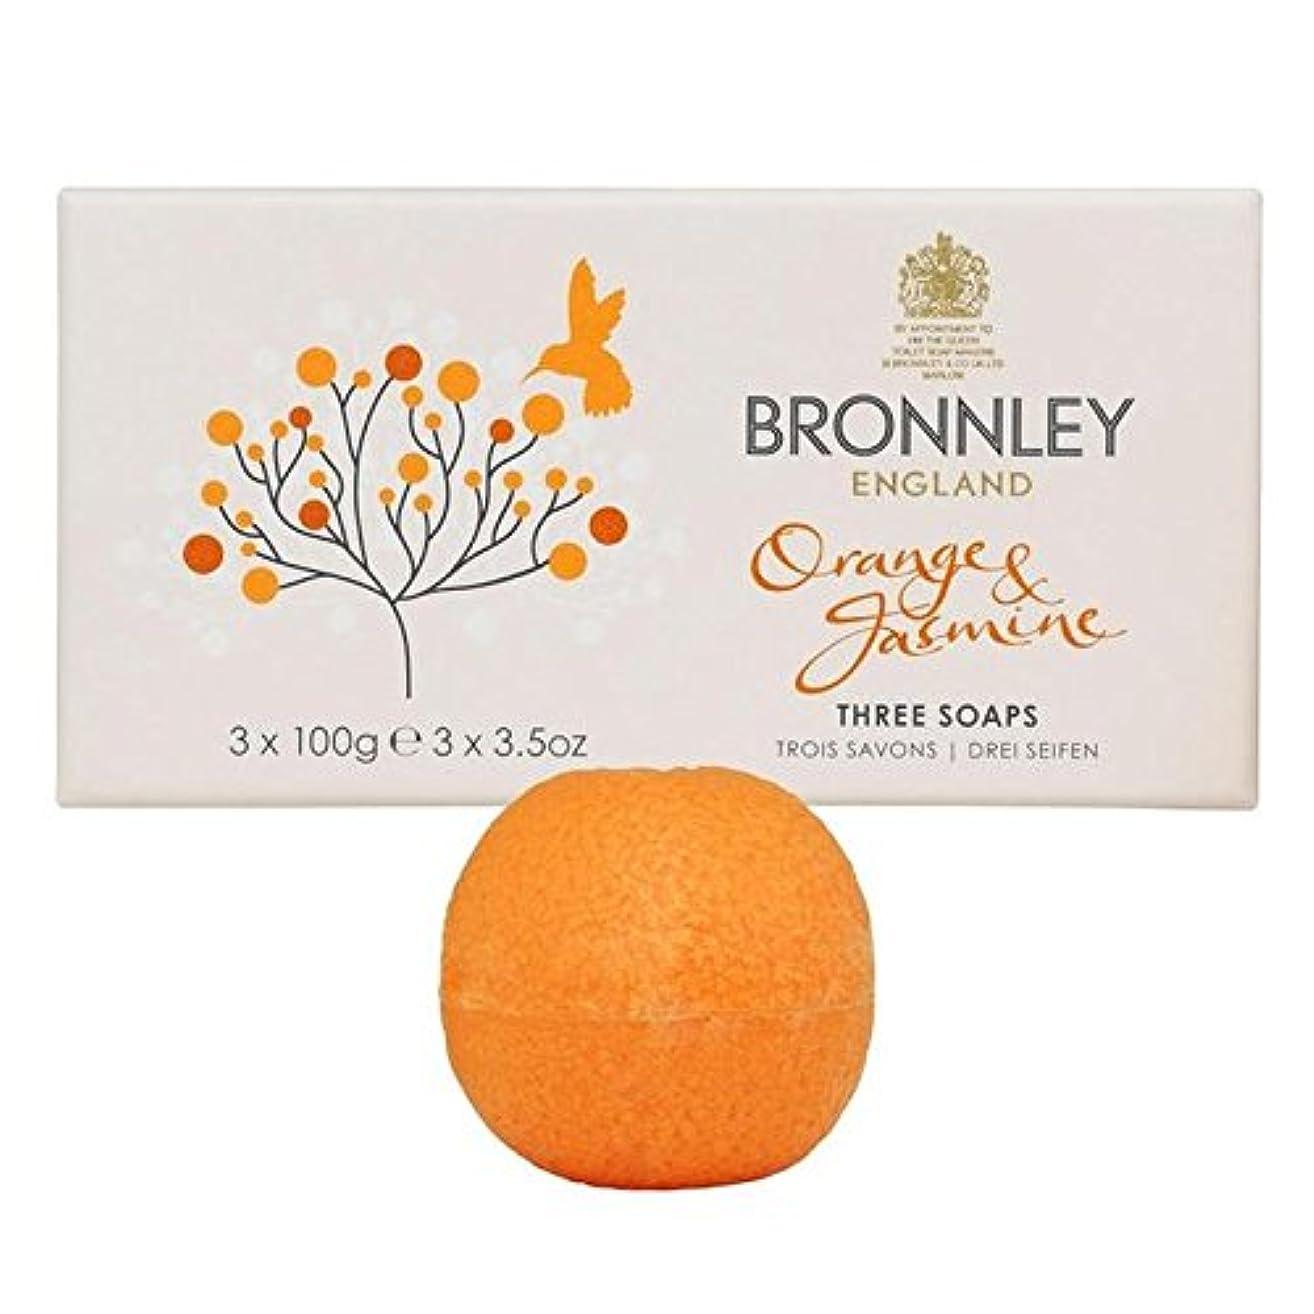 離す生産的デッキオレンジ&ジャスミン石鹸3×100グラム x2 - Bronnley Orange & Jasmine Soaps 3 x 100g (Pack of 2) [並行輸入品]